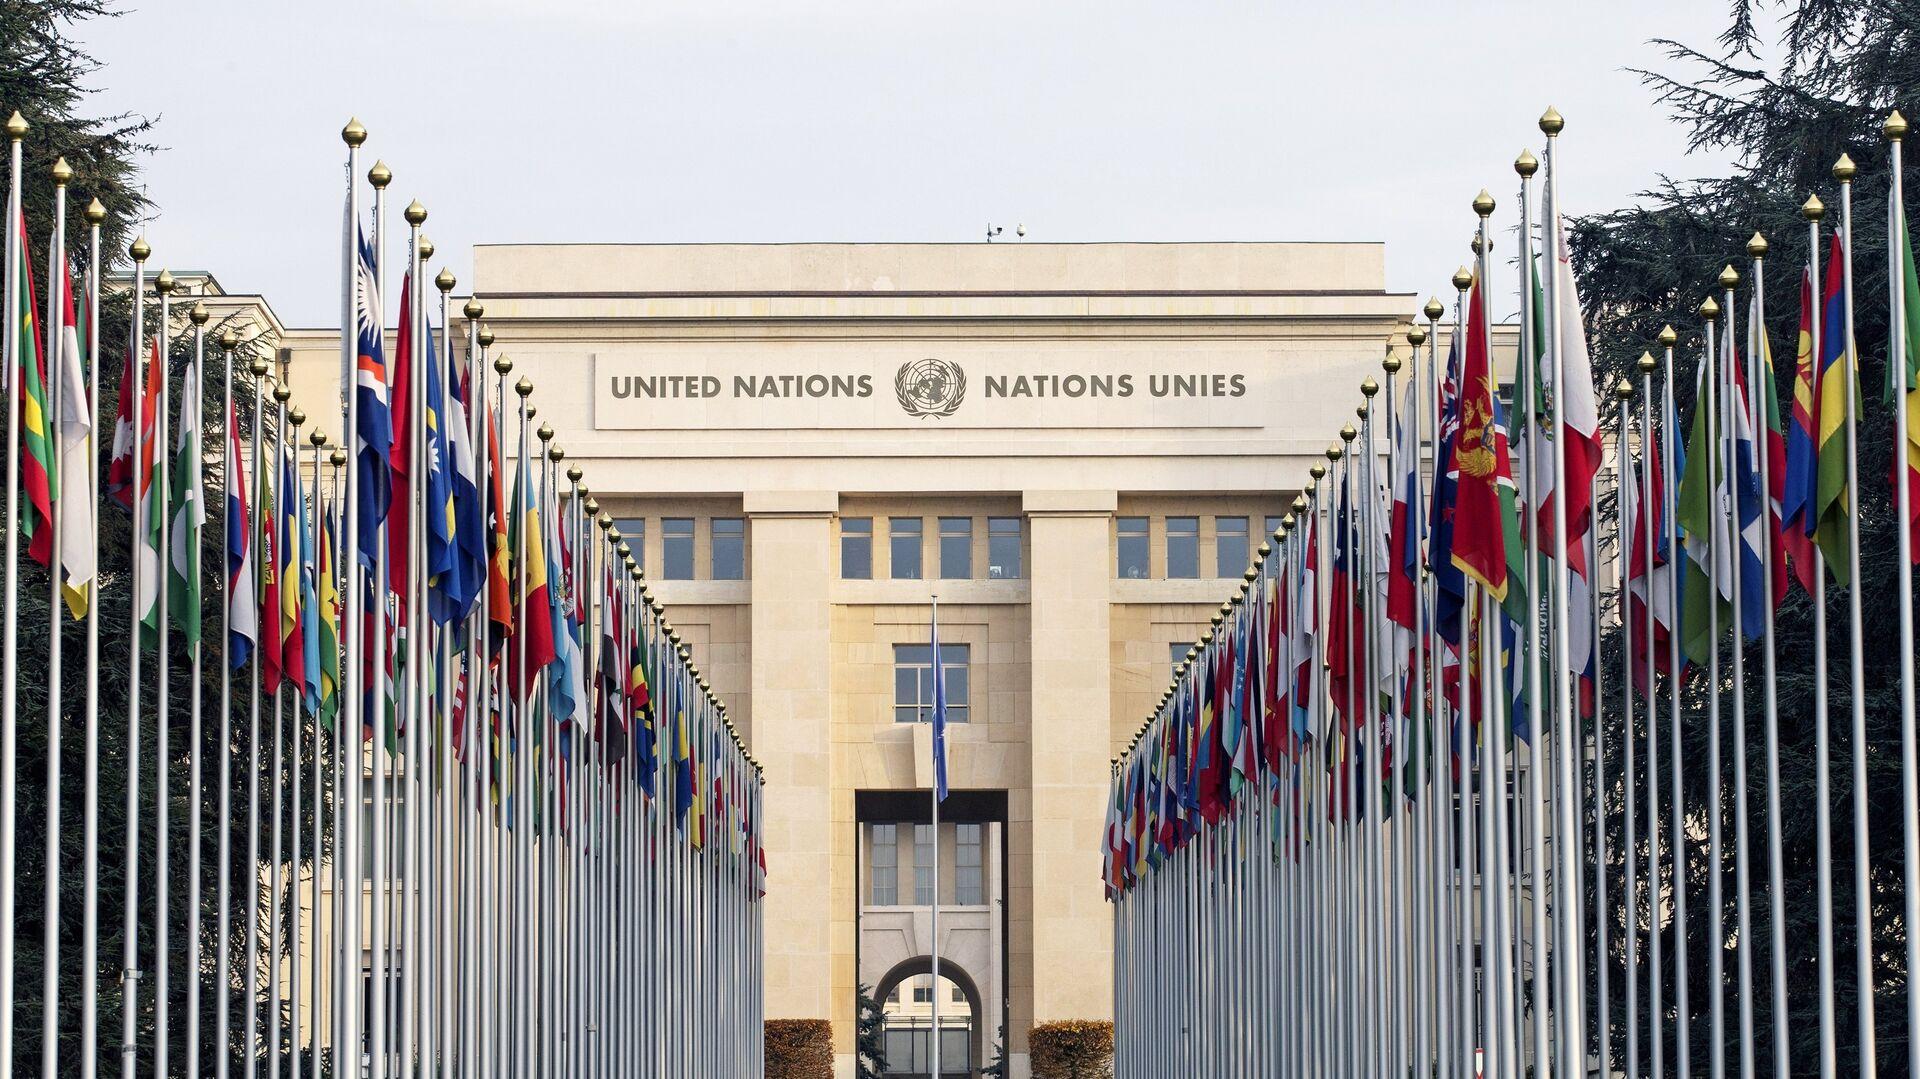 Штаб-квартира Организации Объединенных Наций  - РИА Новости, 1920, 12.10.2021